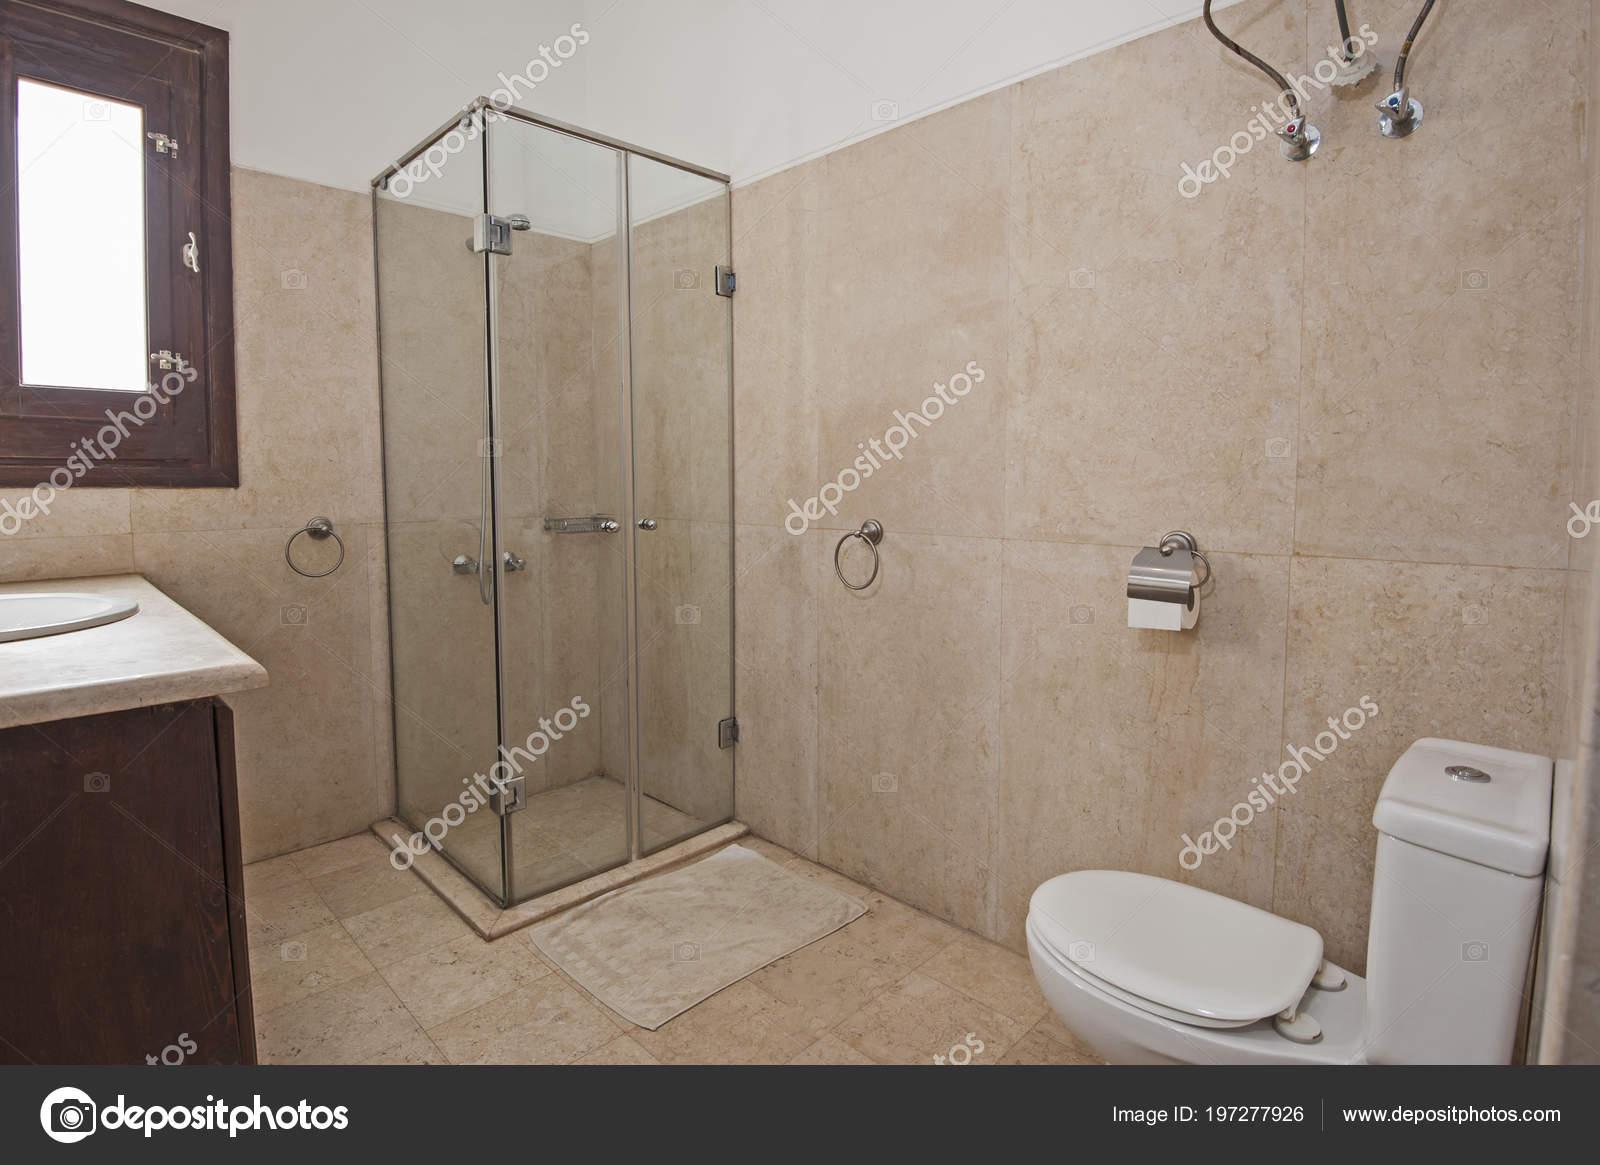 Diseño Interiores Lujo Mostrar Casa Cuarto Baño Con Cabina Ducha